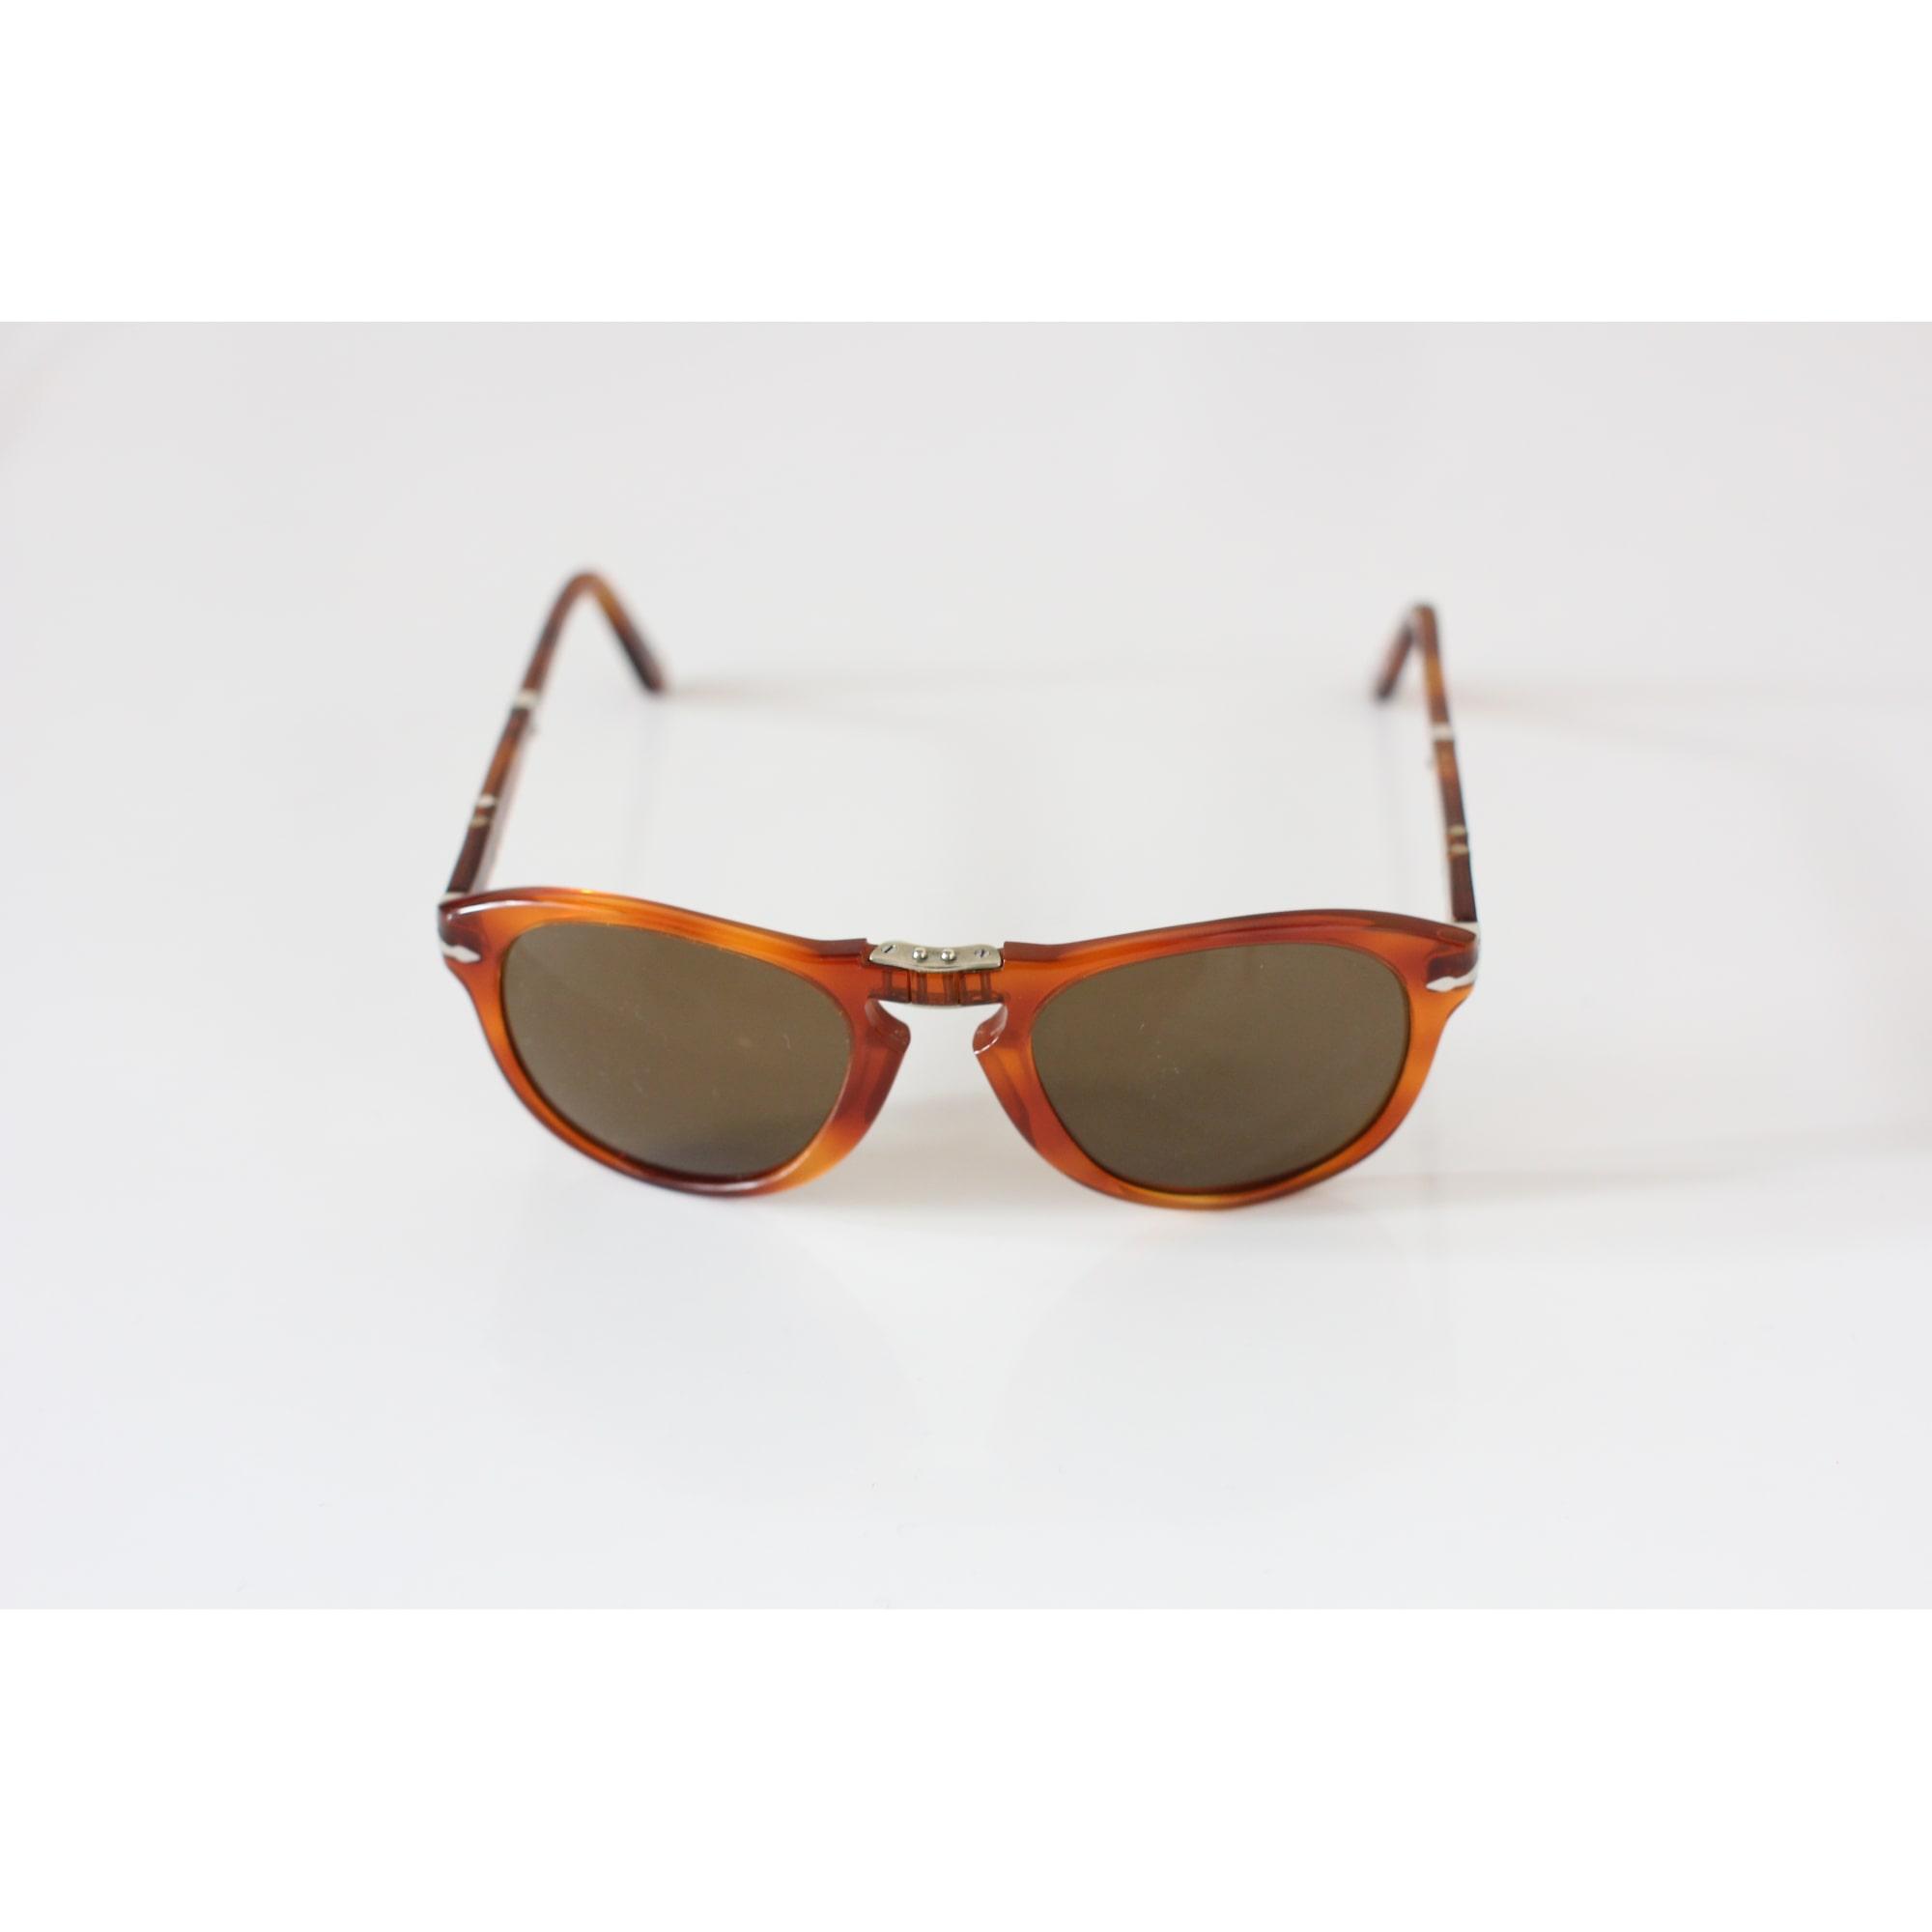 Lunettes de soleil PERSOL orange - 4719212 b38a8f796fc2